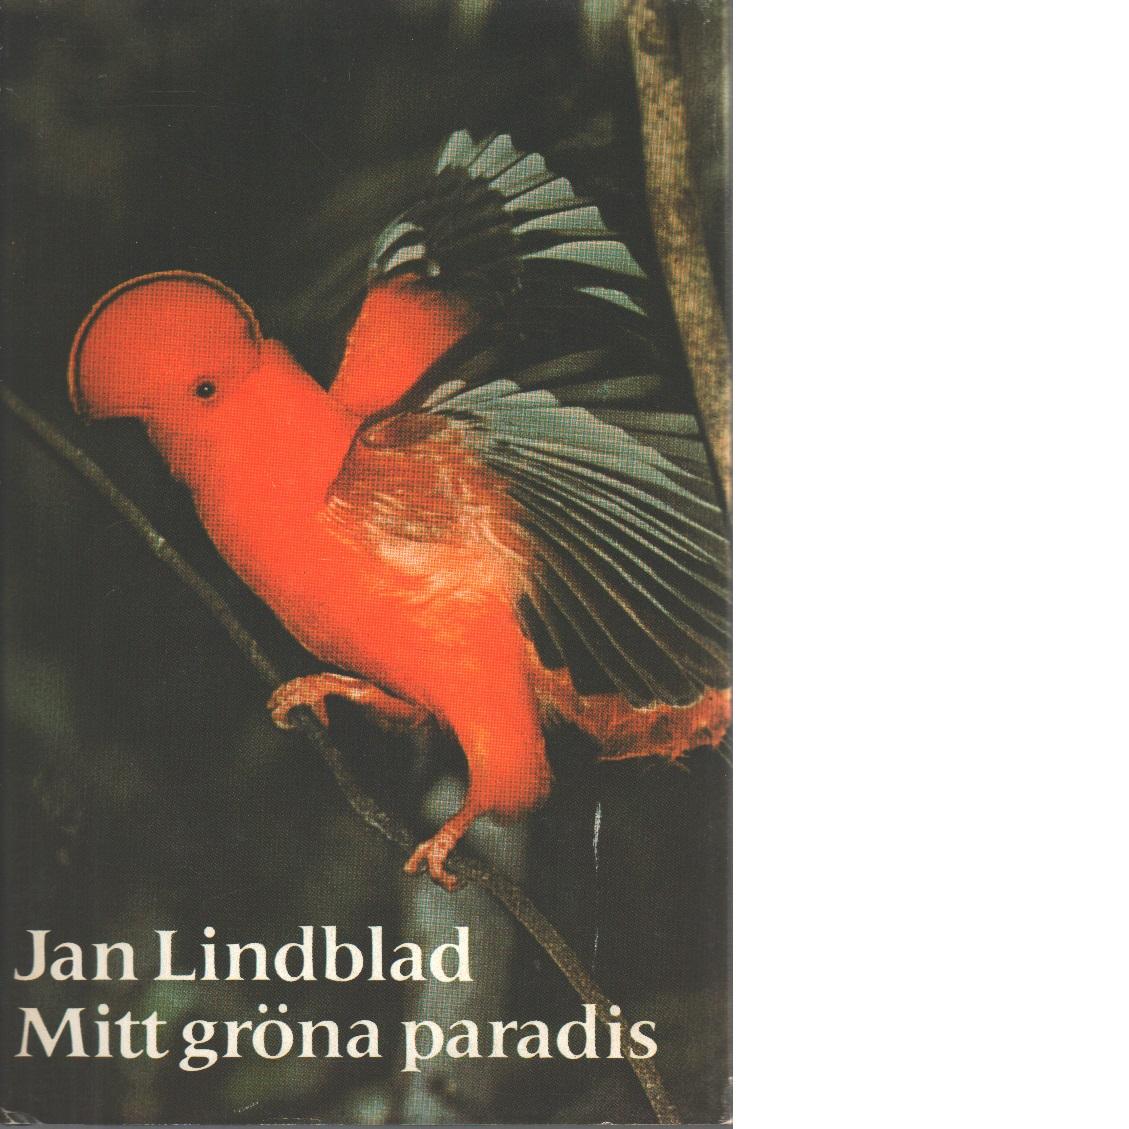 Mitt gröna paradis. - Lindblad, Jan